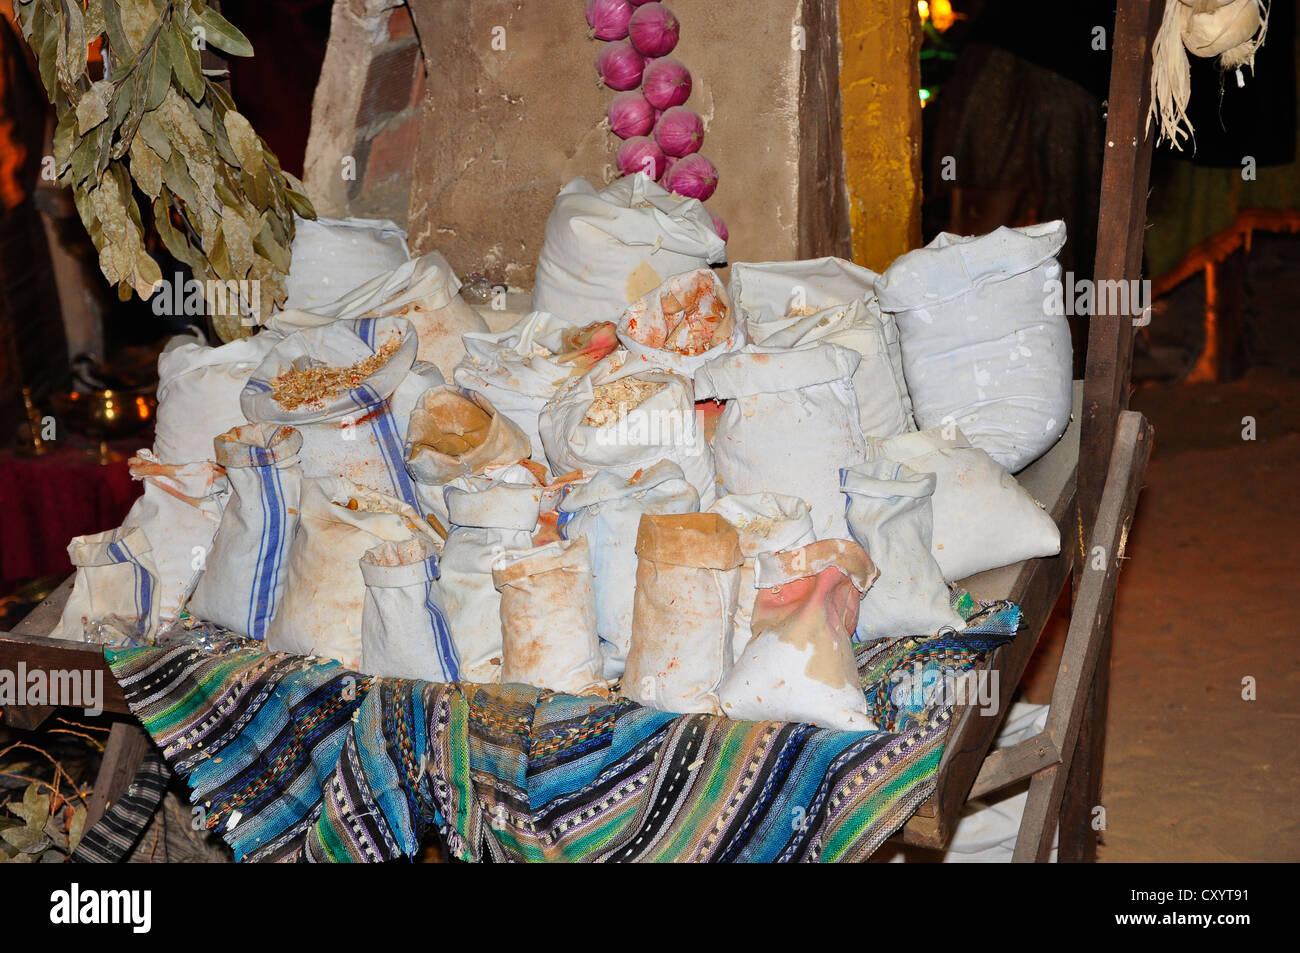 Dekoration Weihnachtsszenen, mischen die Taschen von Lebensmitteln ...